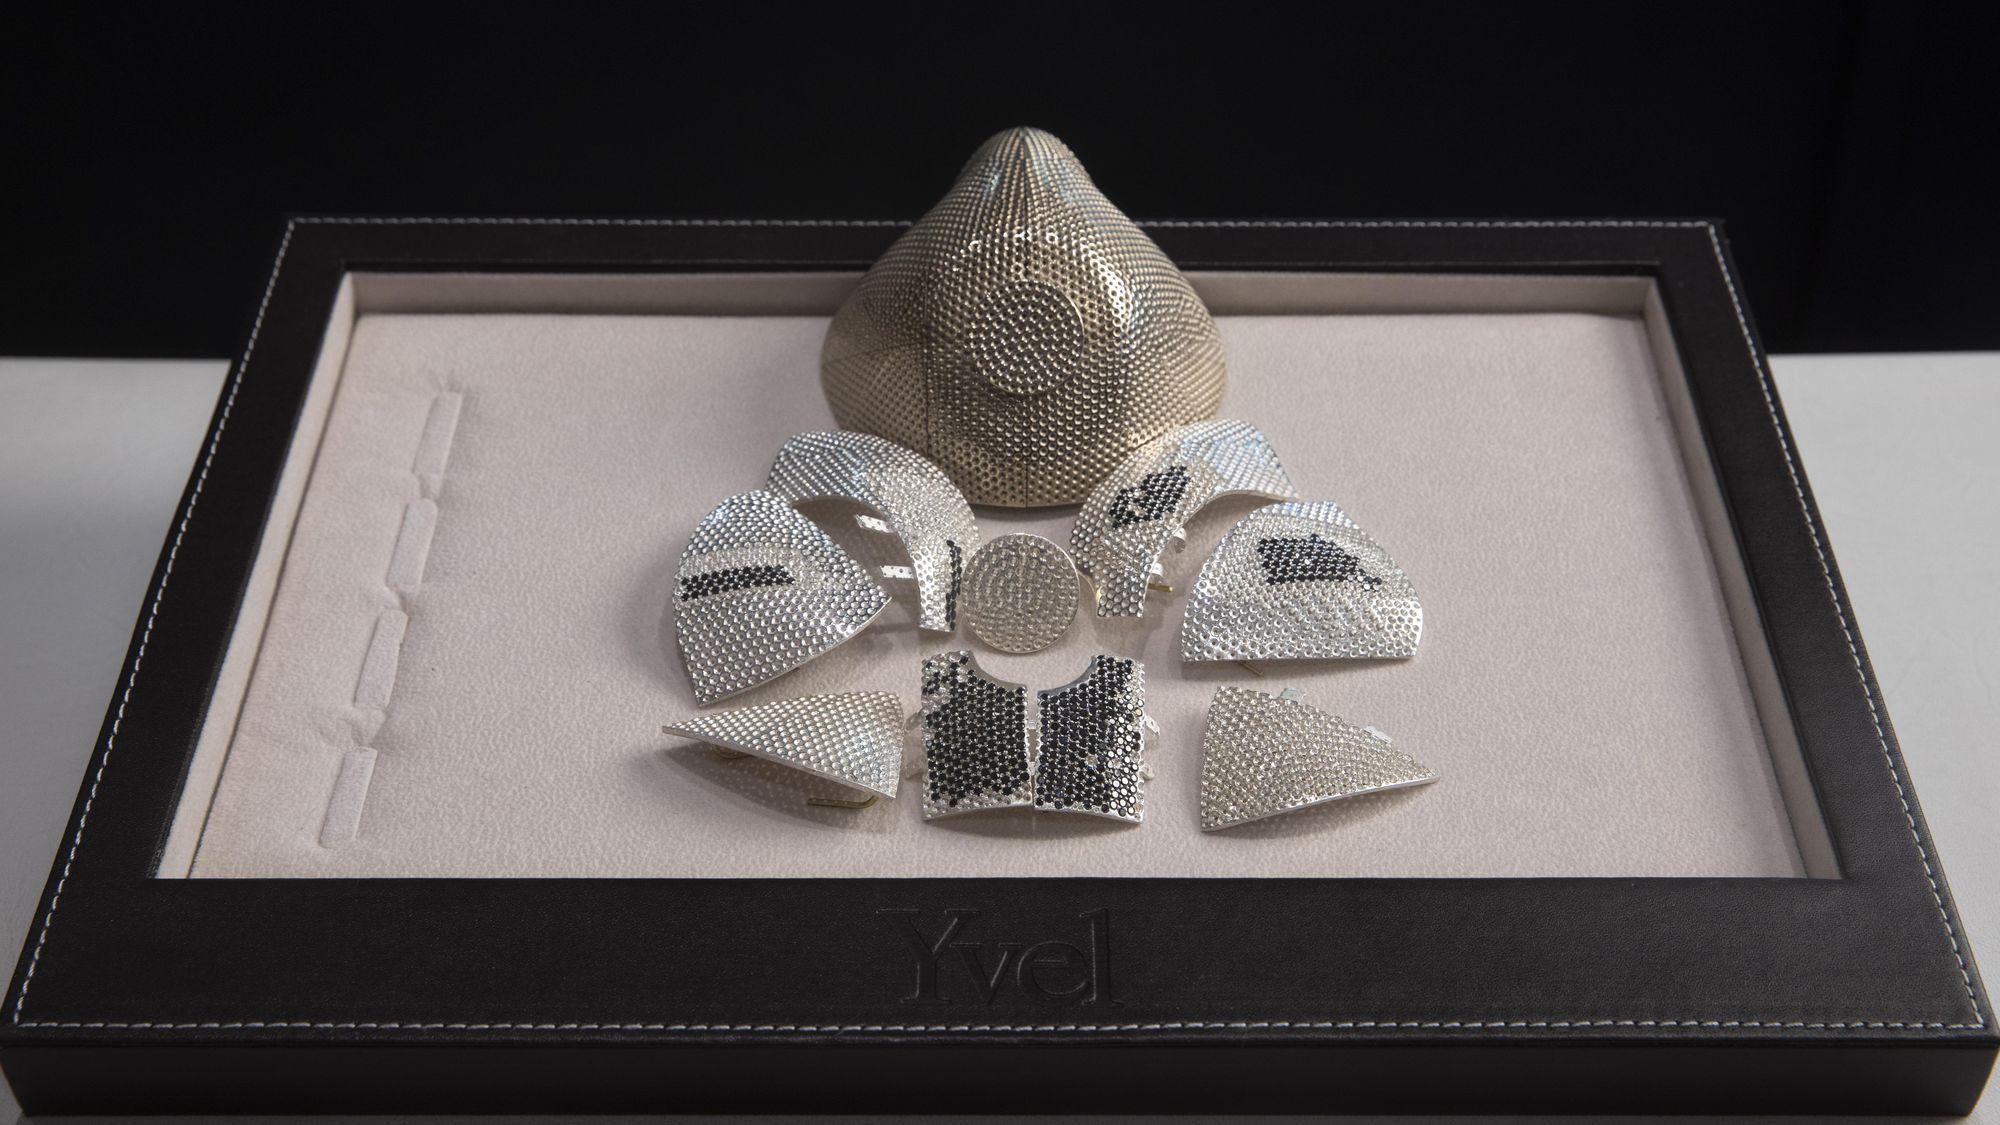 El cubrebocas más caro del mundo vale 1.5 mdd, está hecho de oro y tiene 3,600 diamantes